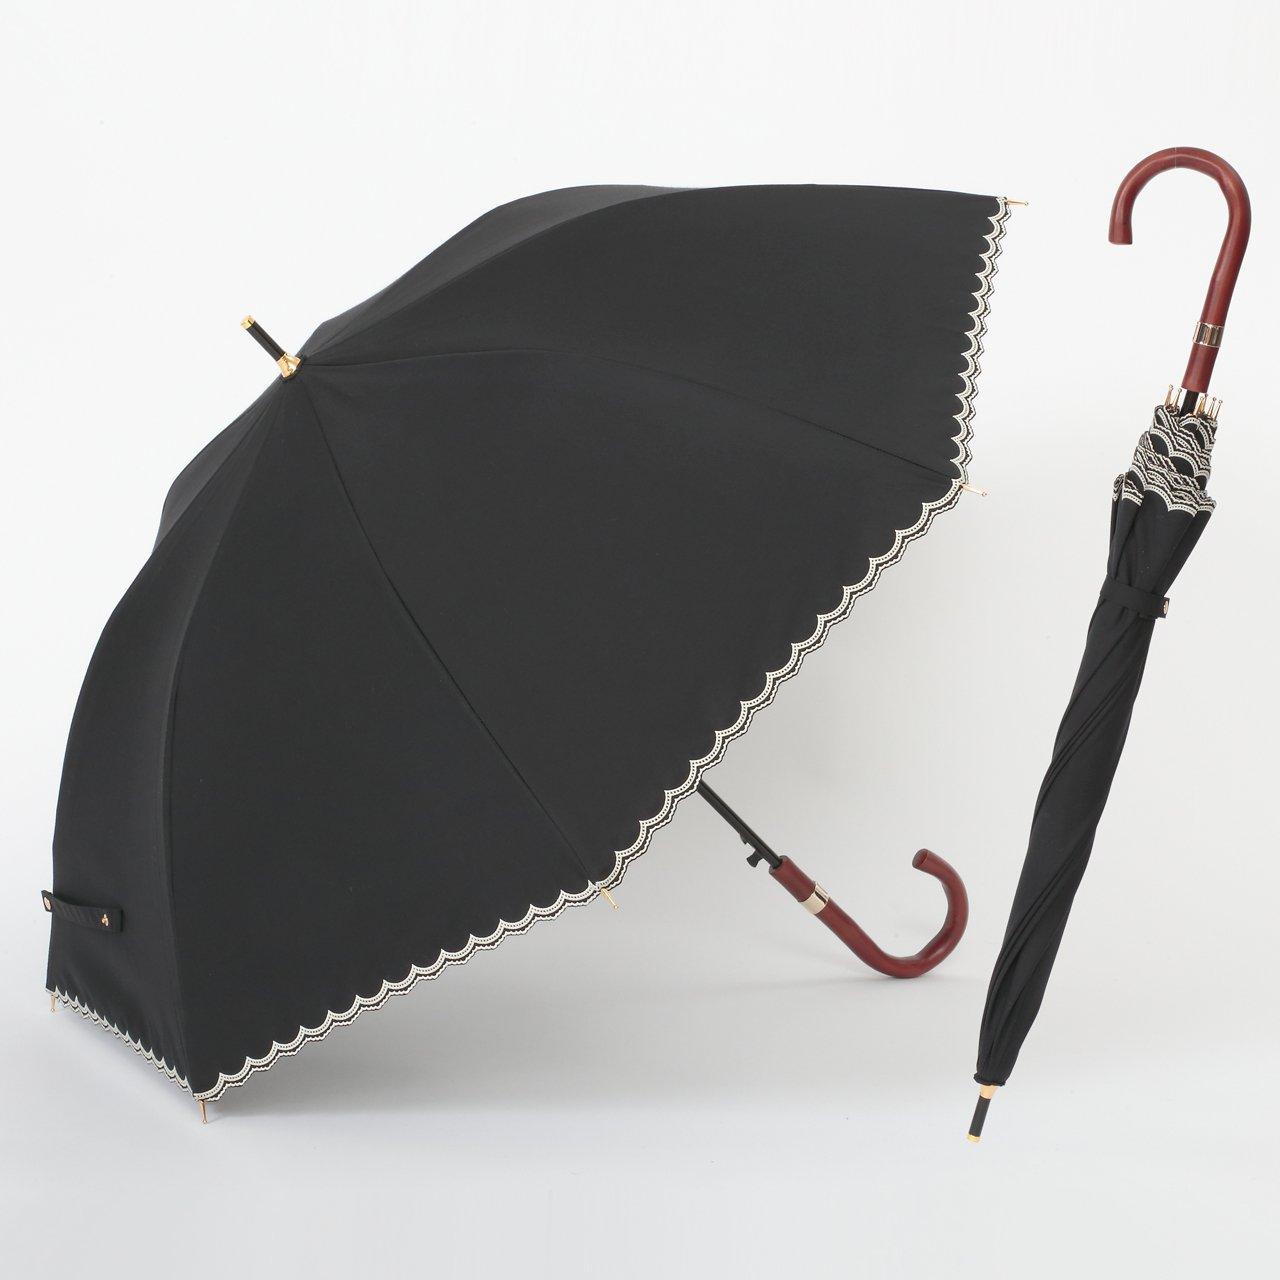 UV遮熱遮光ジャンプ傘 スカラップ ブラック 晴雨兼用 遮光1級 日傘 【LIEBEN-1517】 クールプラス B01DZNFXYQ